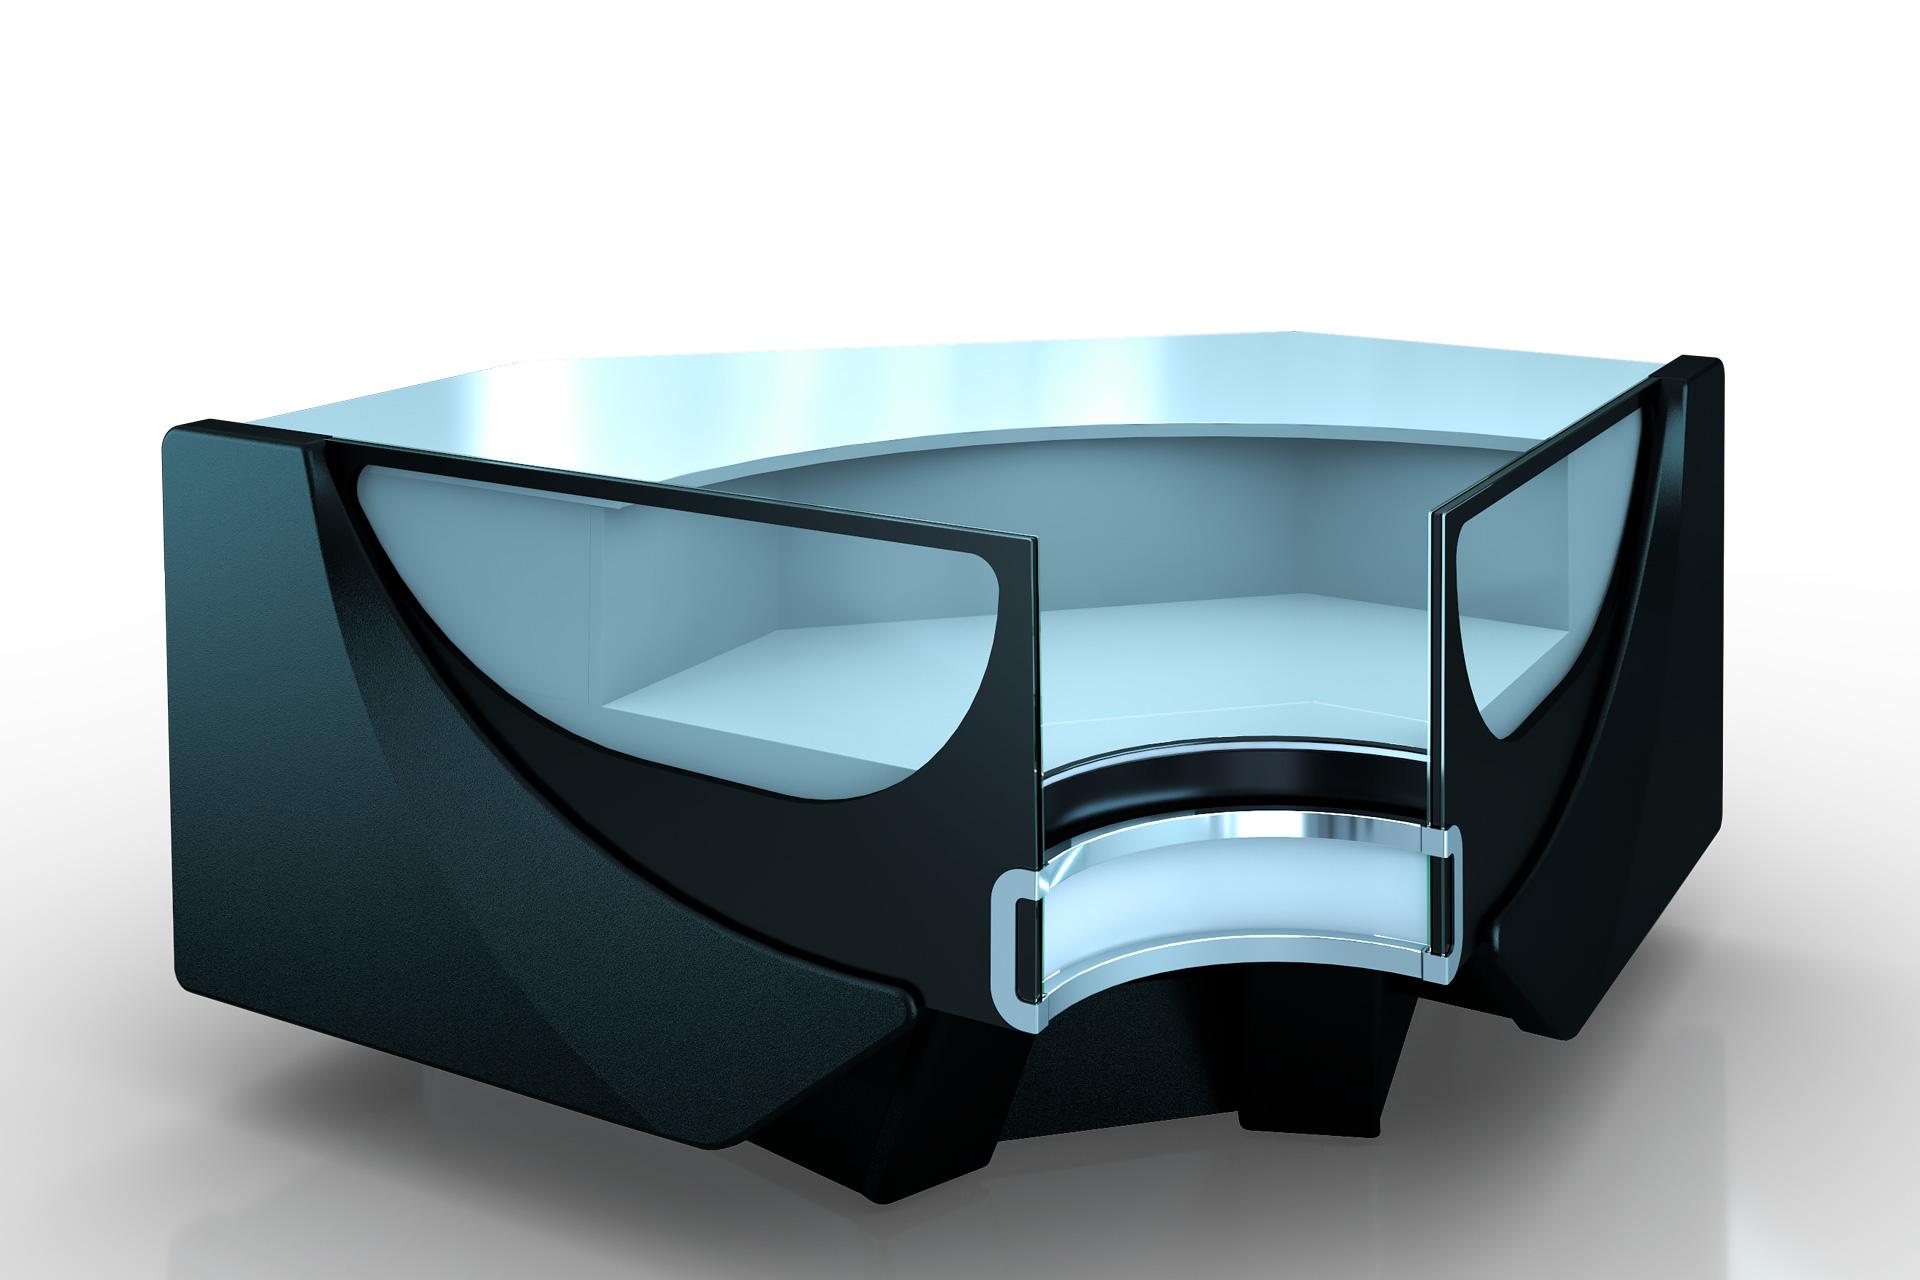 Холодильна вітрина Missouri cold diamond MC 125 deli self 084-IR90